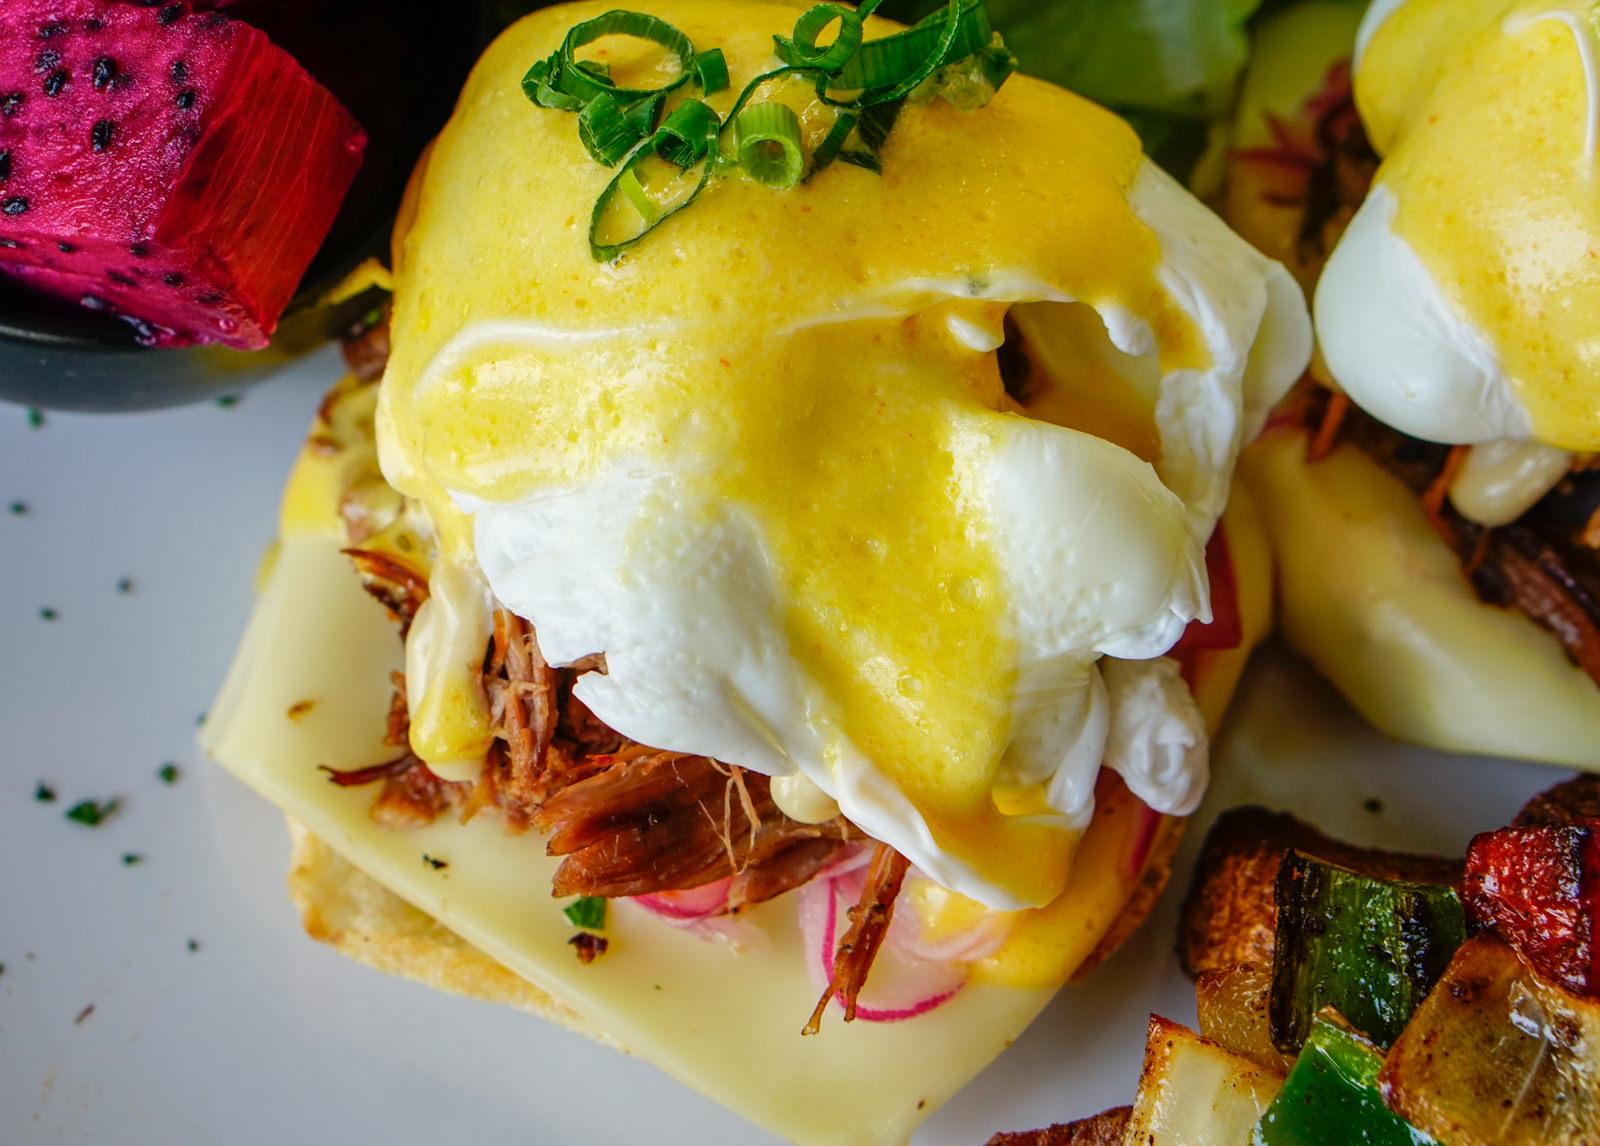 [高雄]BEAST Bar&Grill野獸美式餐廳-外國人超愛!道地美式早午餐 滿意的超大份量 高雄早午餐推薦 @美食好芃友